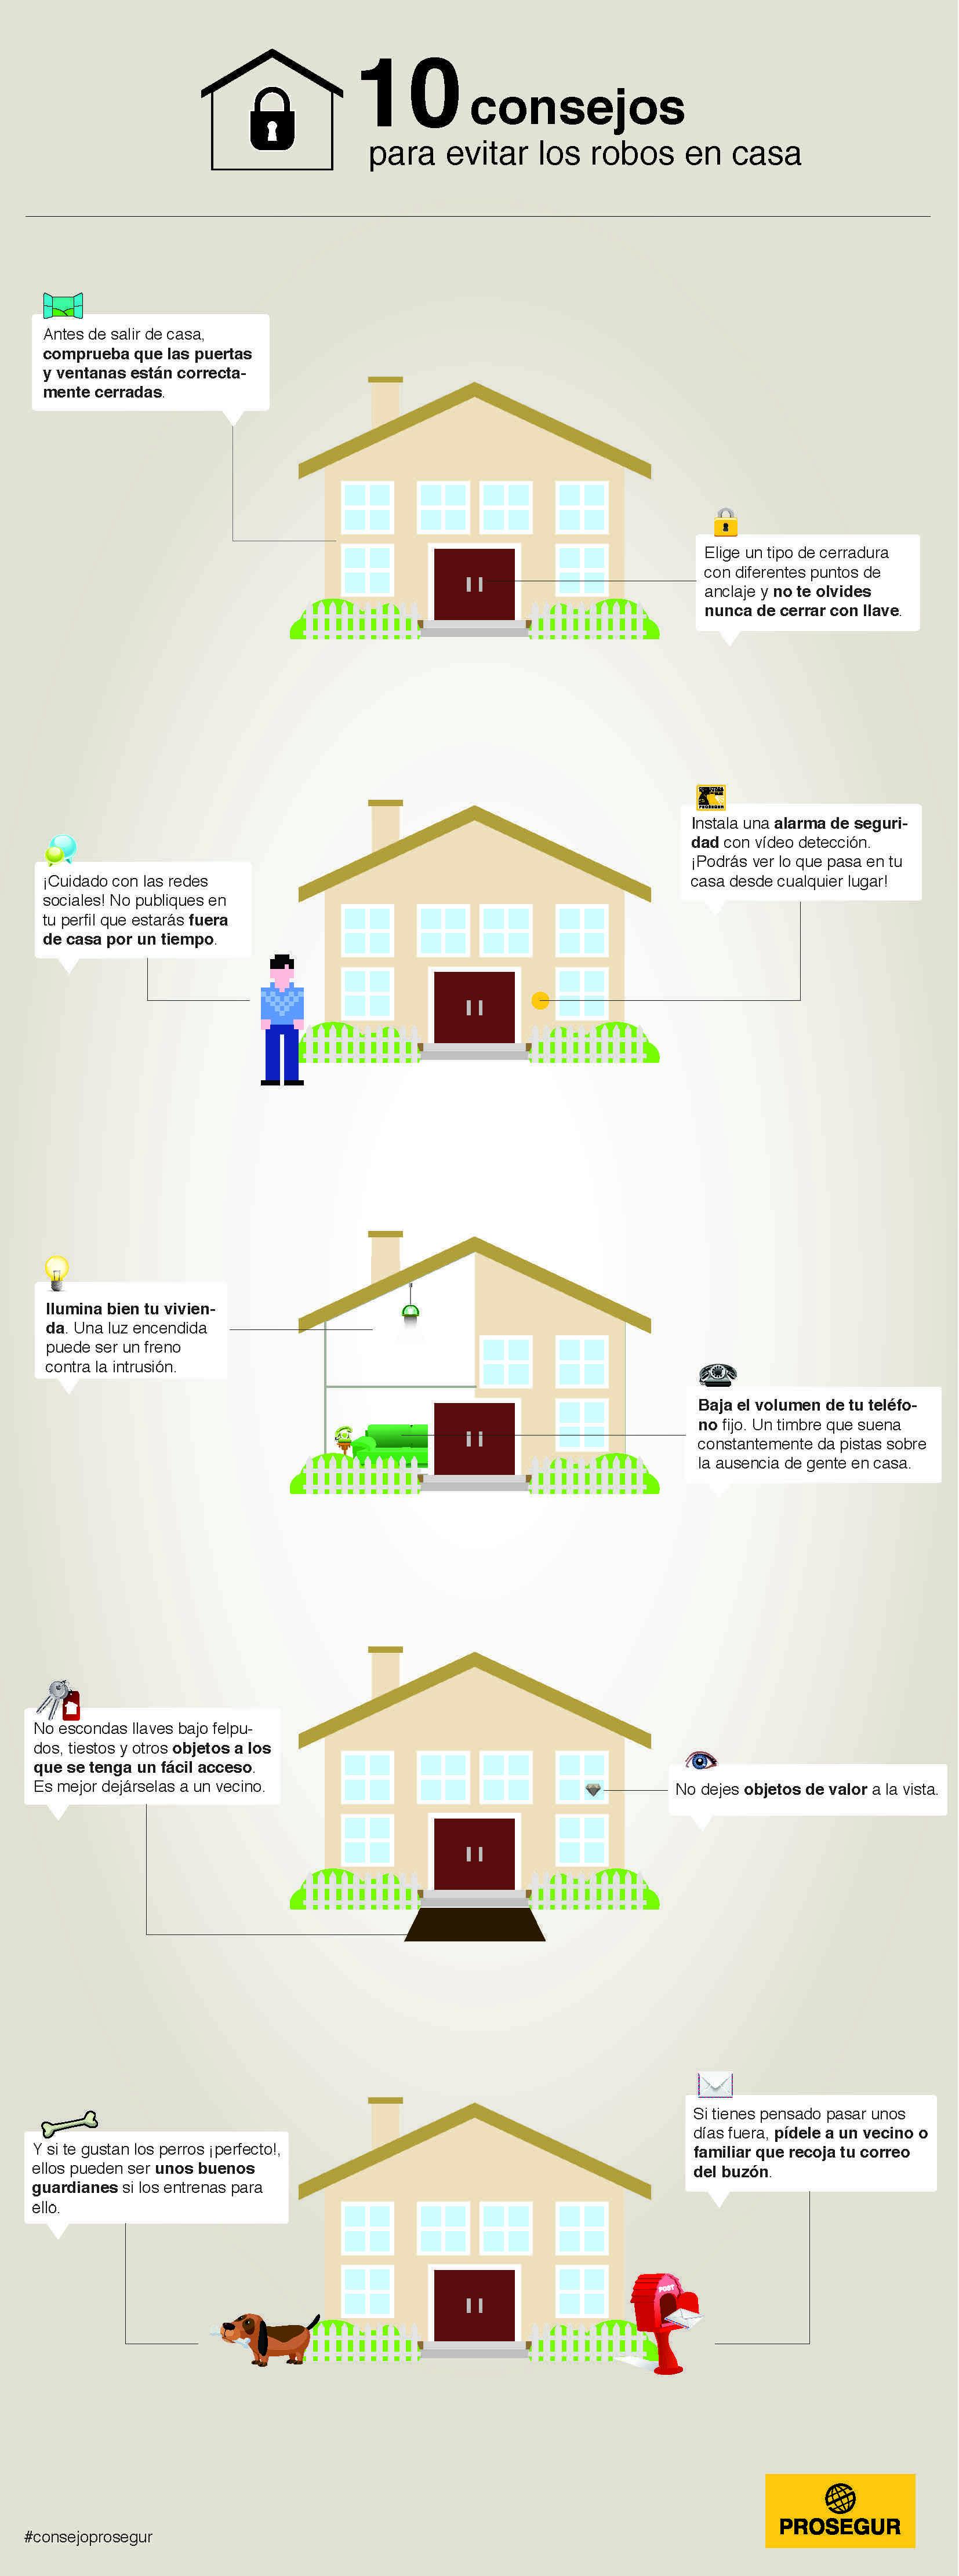 10 consejos para evitar robos